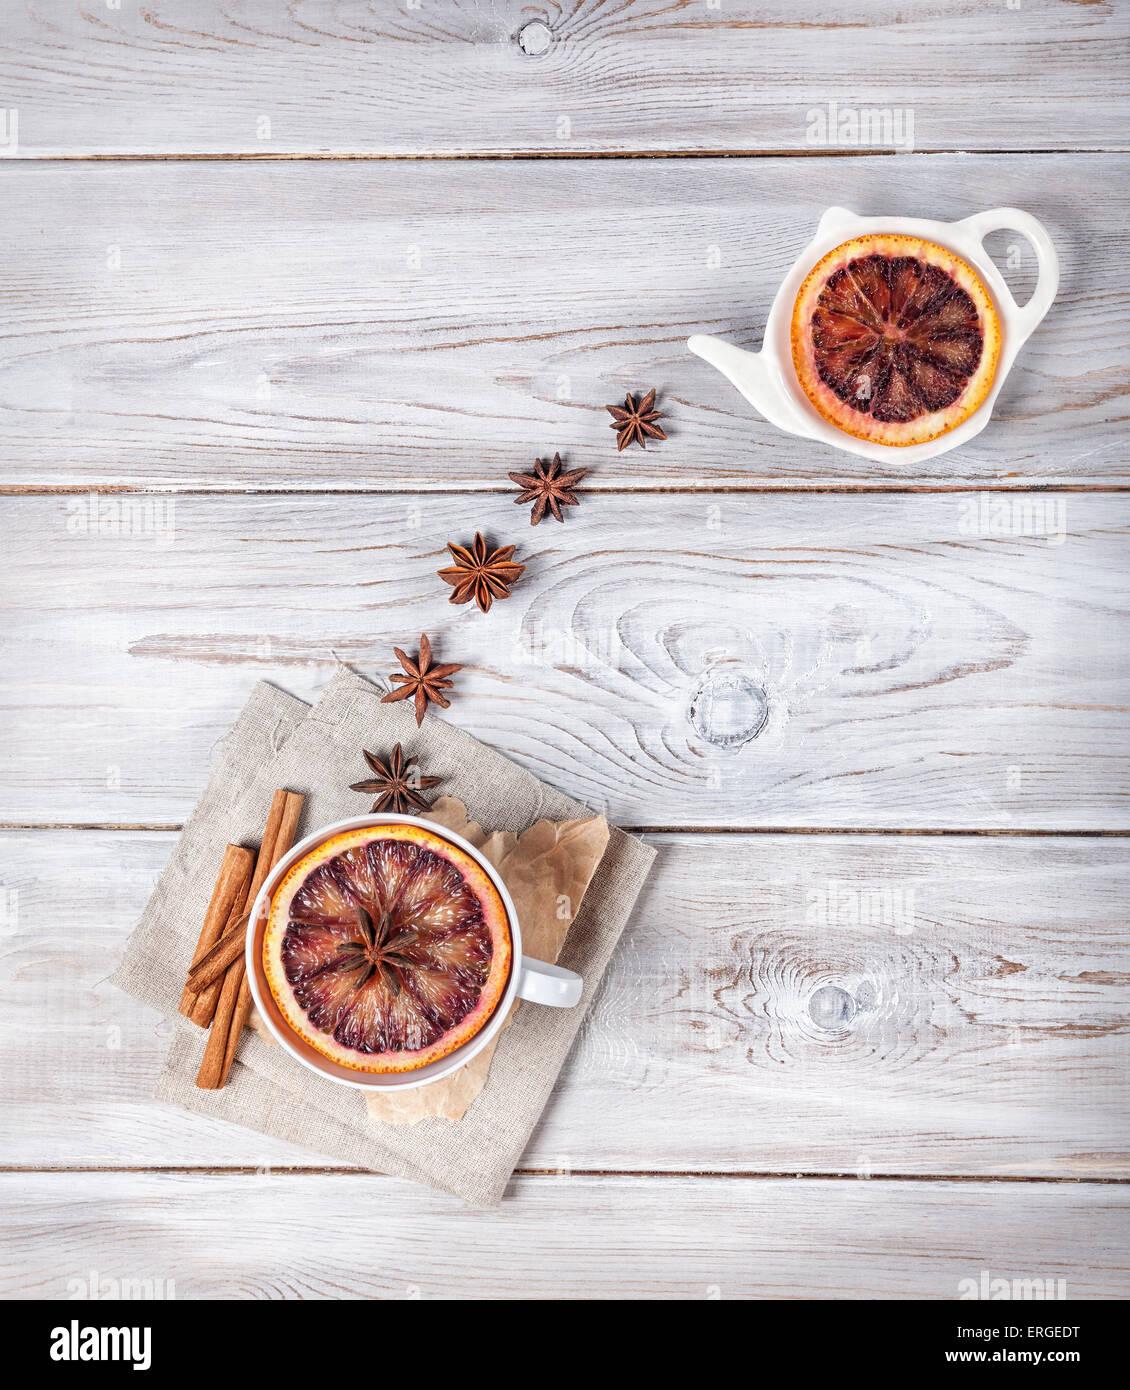 Té Marroquí con especias y la rodaja de naranja en el fondo blanco de madera Imagen De Stock